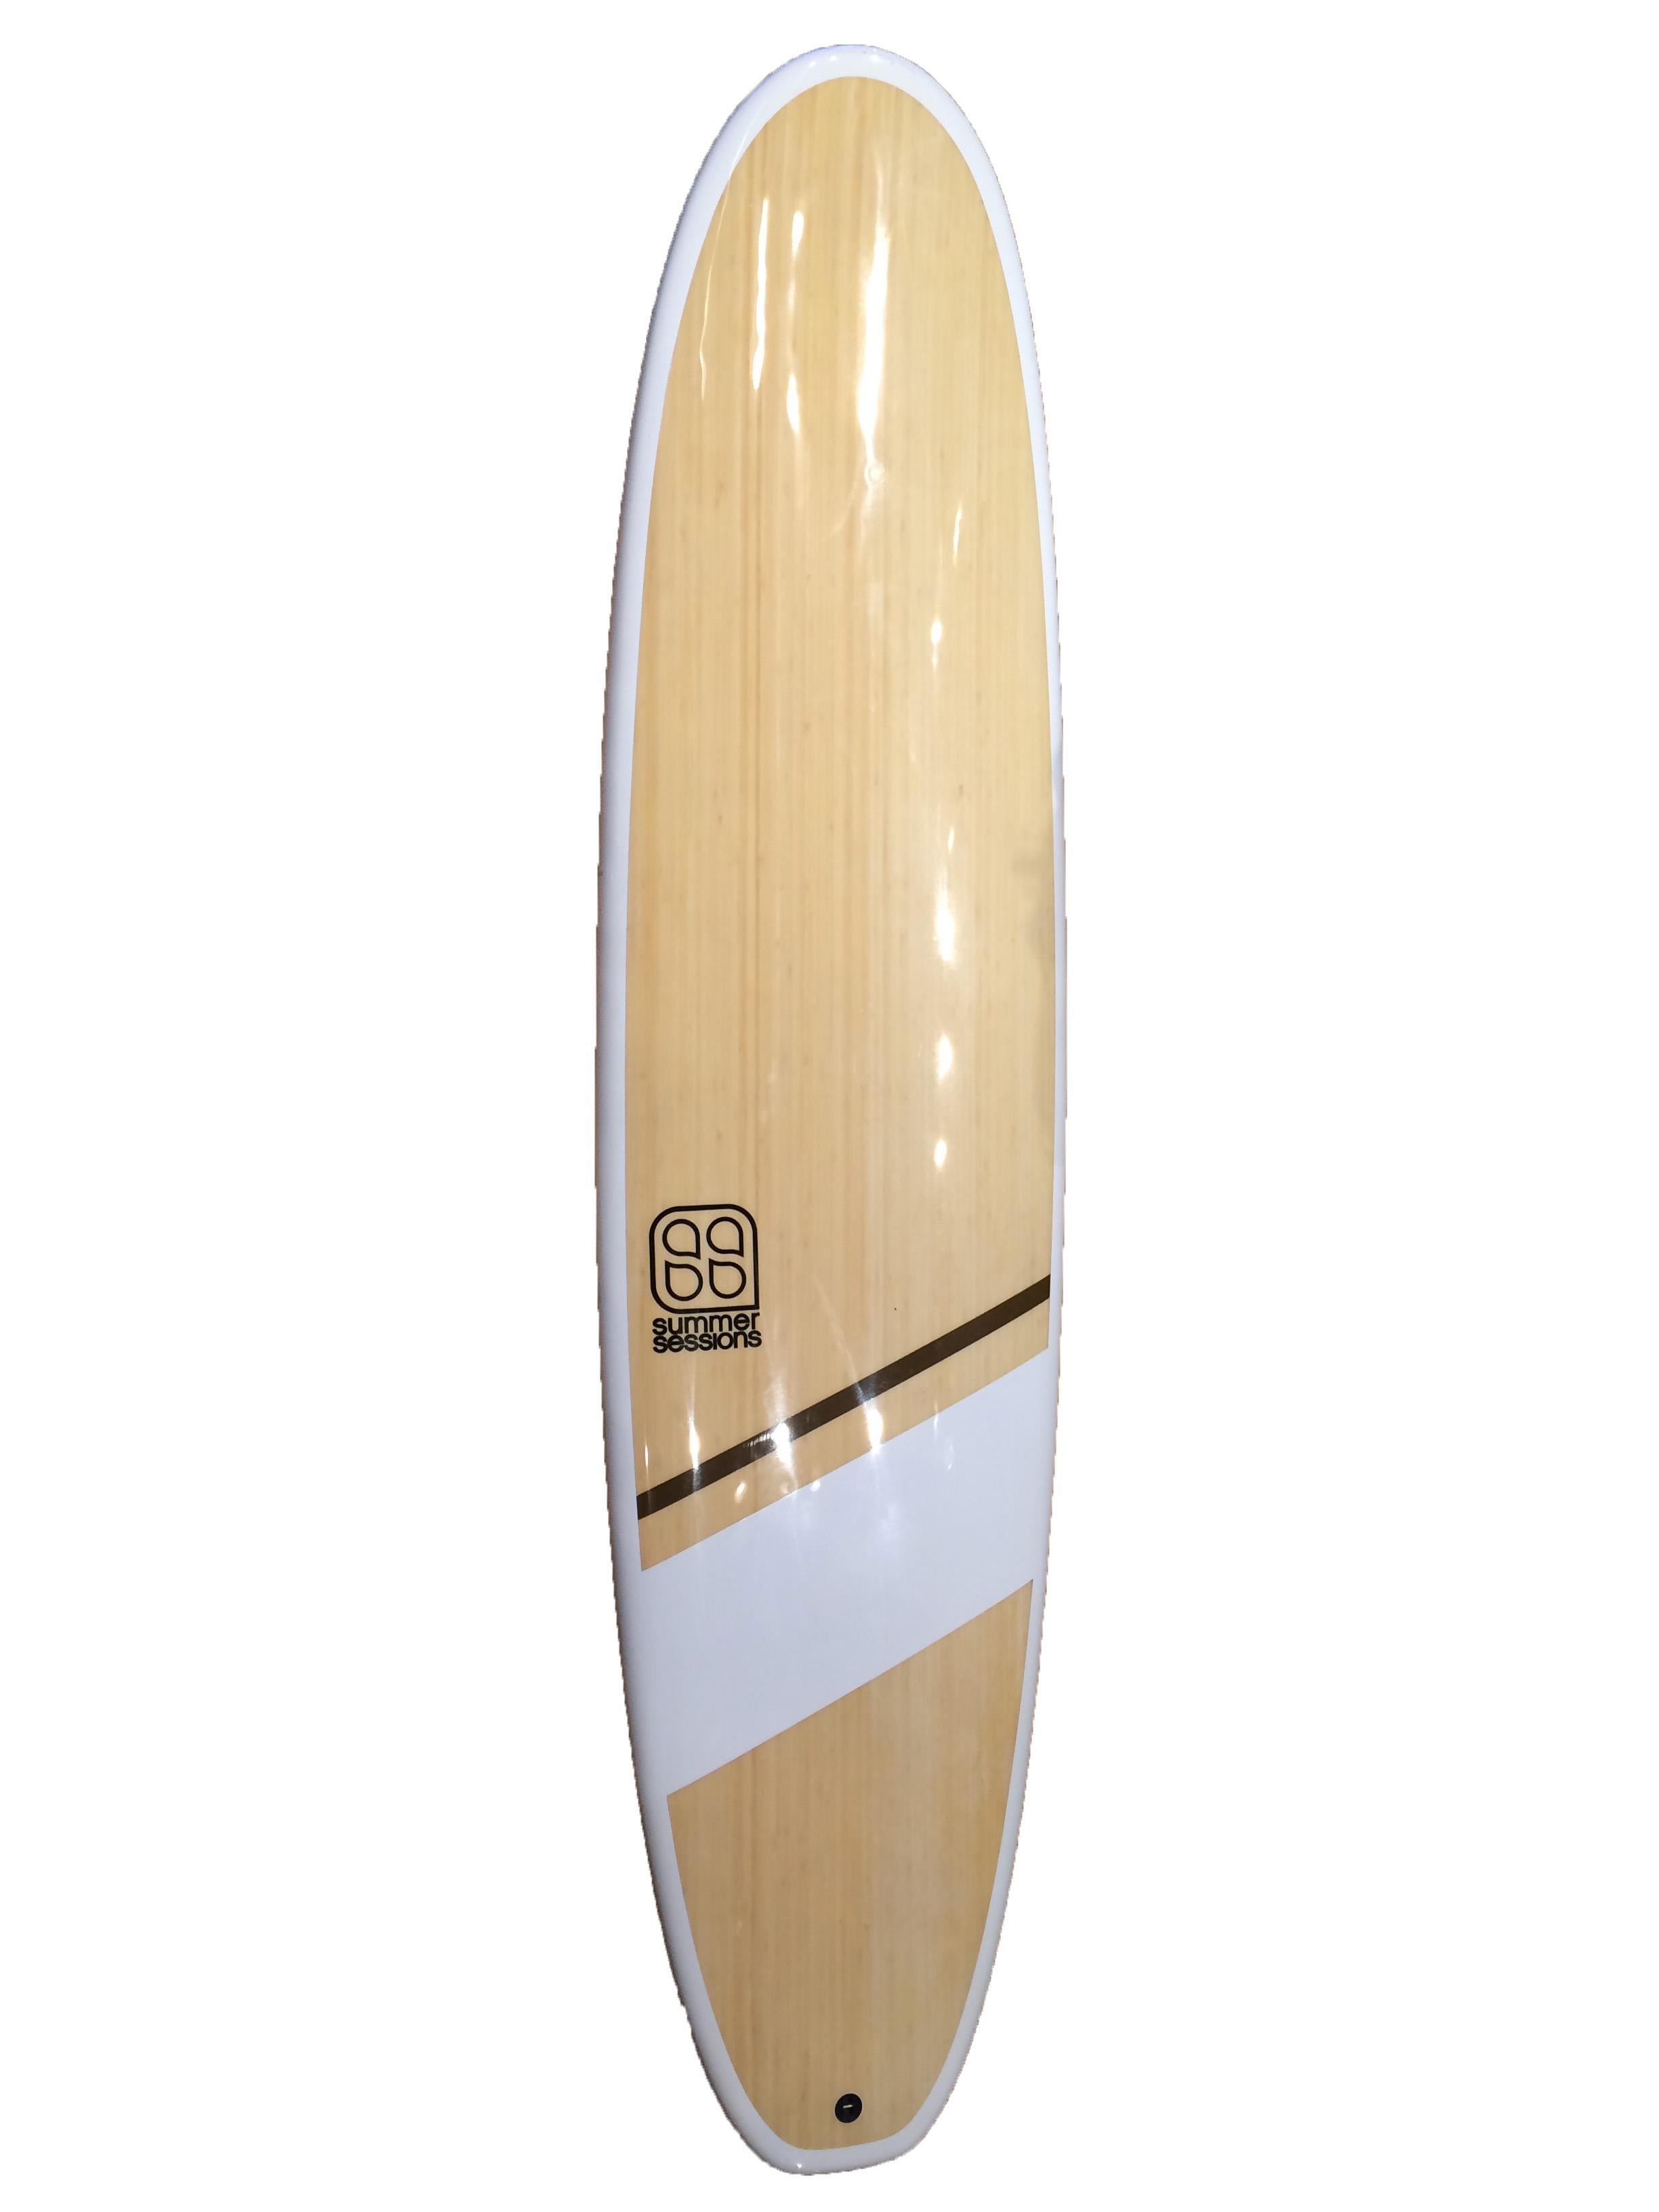 SS Longboard Woograin